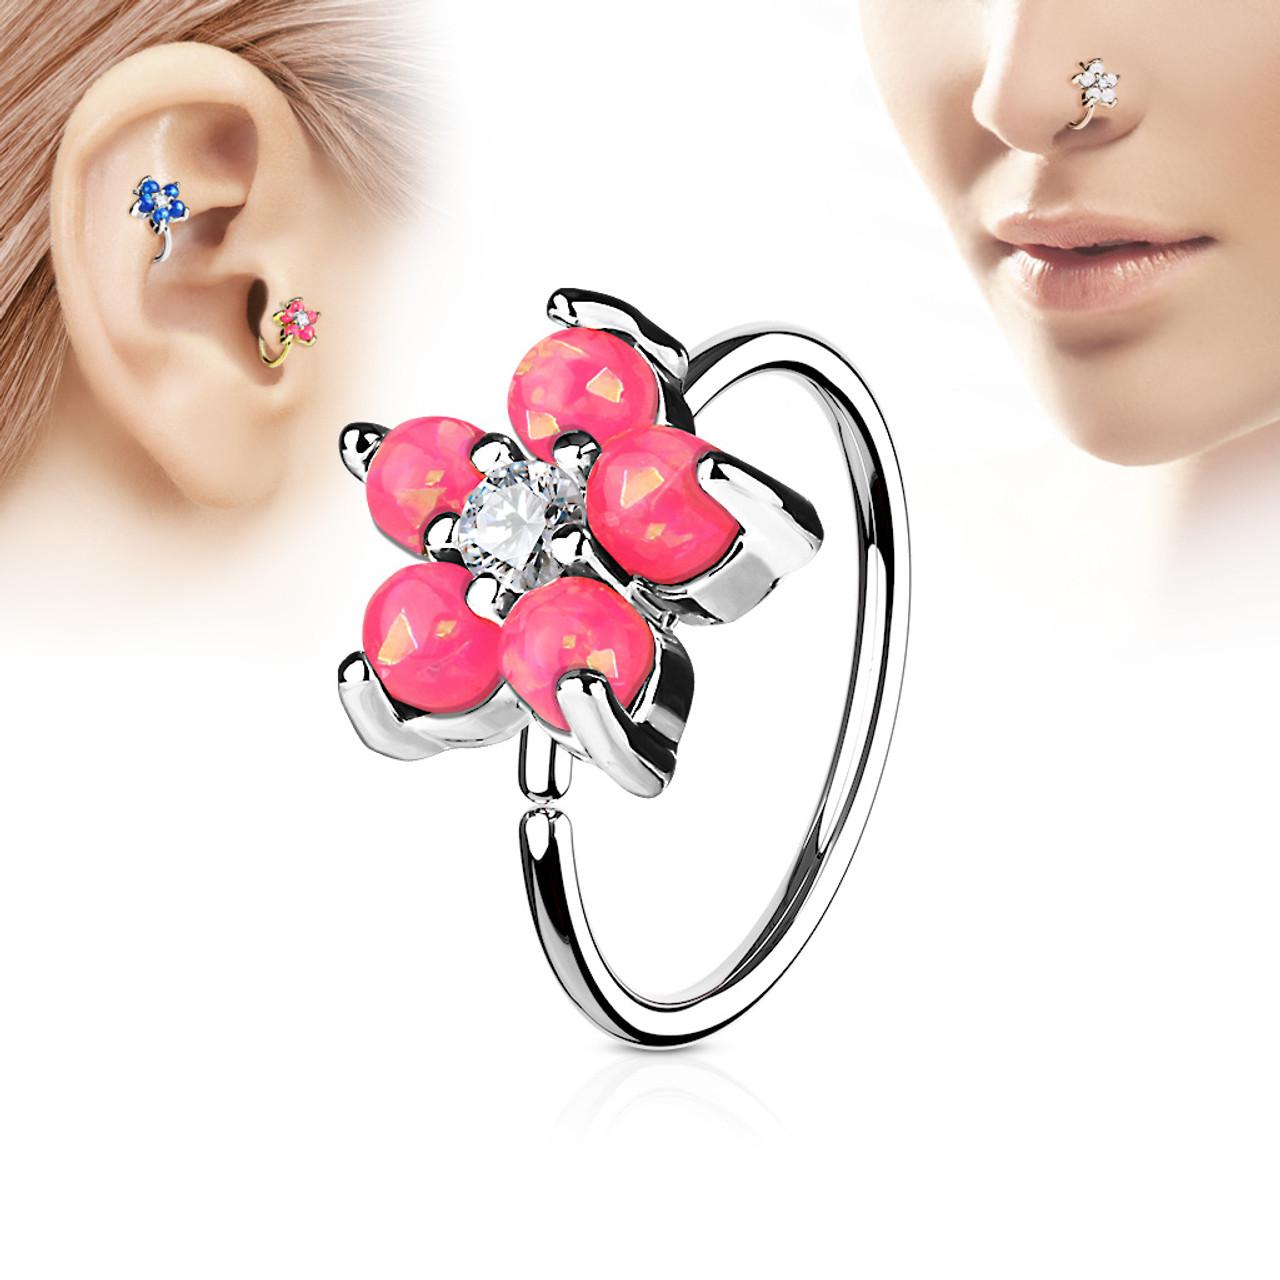 Pink Opal Glitter Set Flower Petals Cz Center 316l Surgical Steel